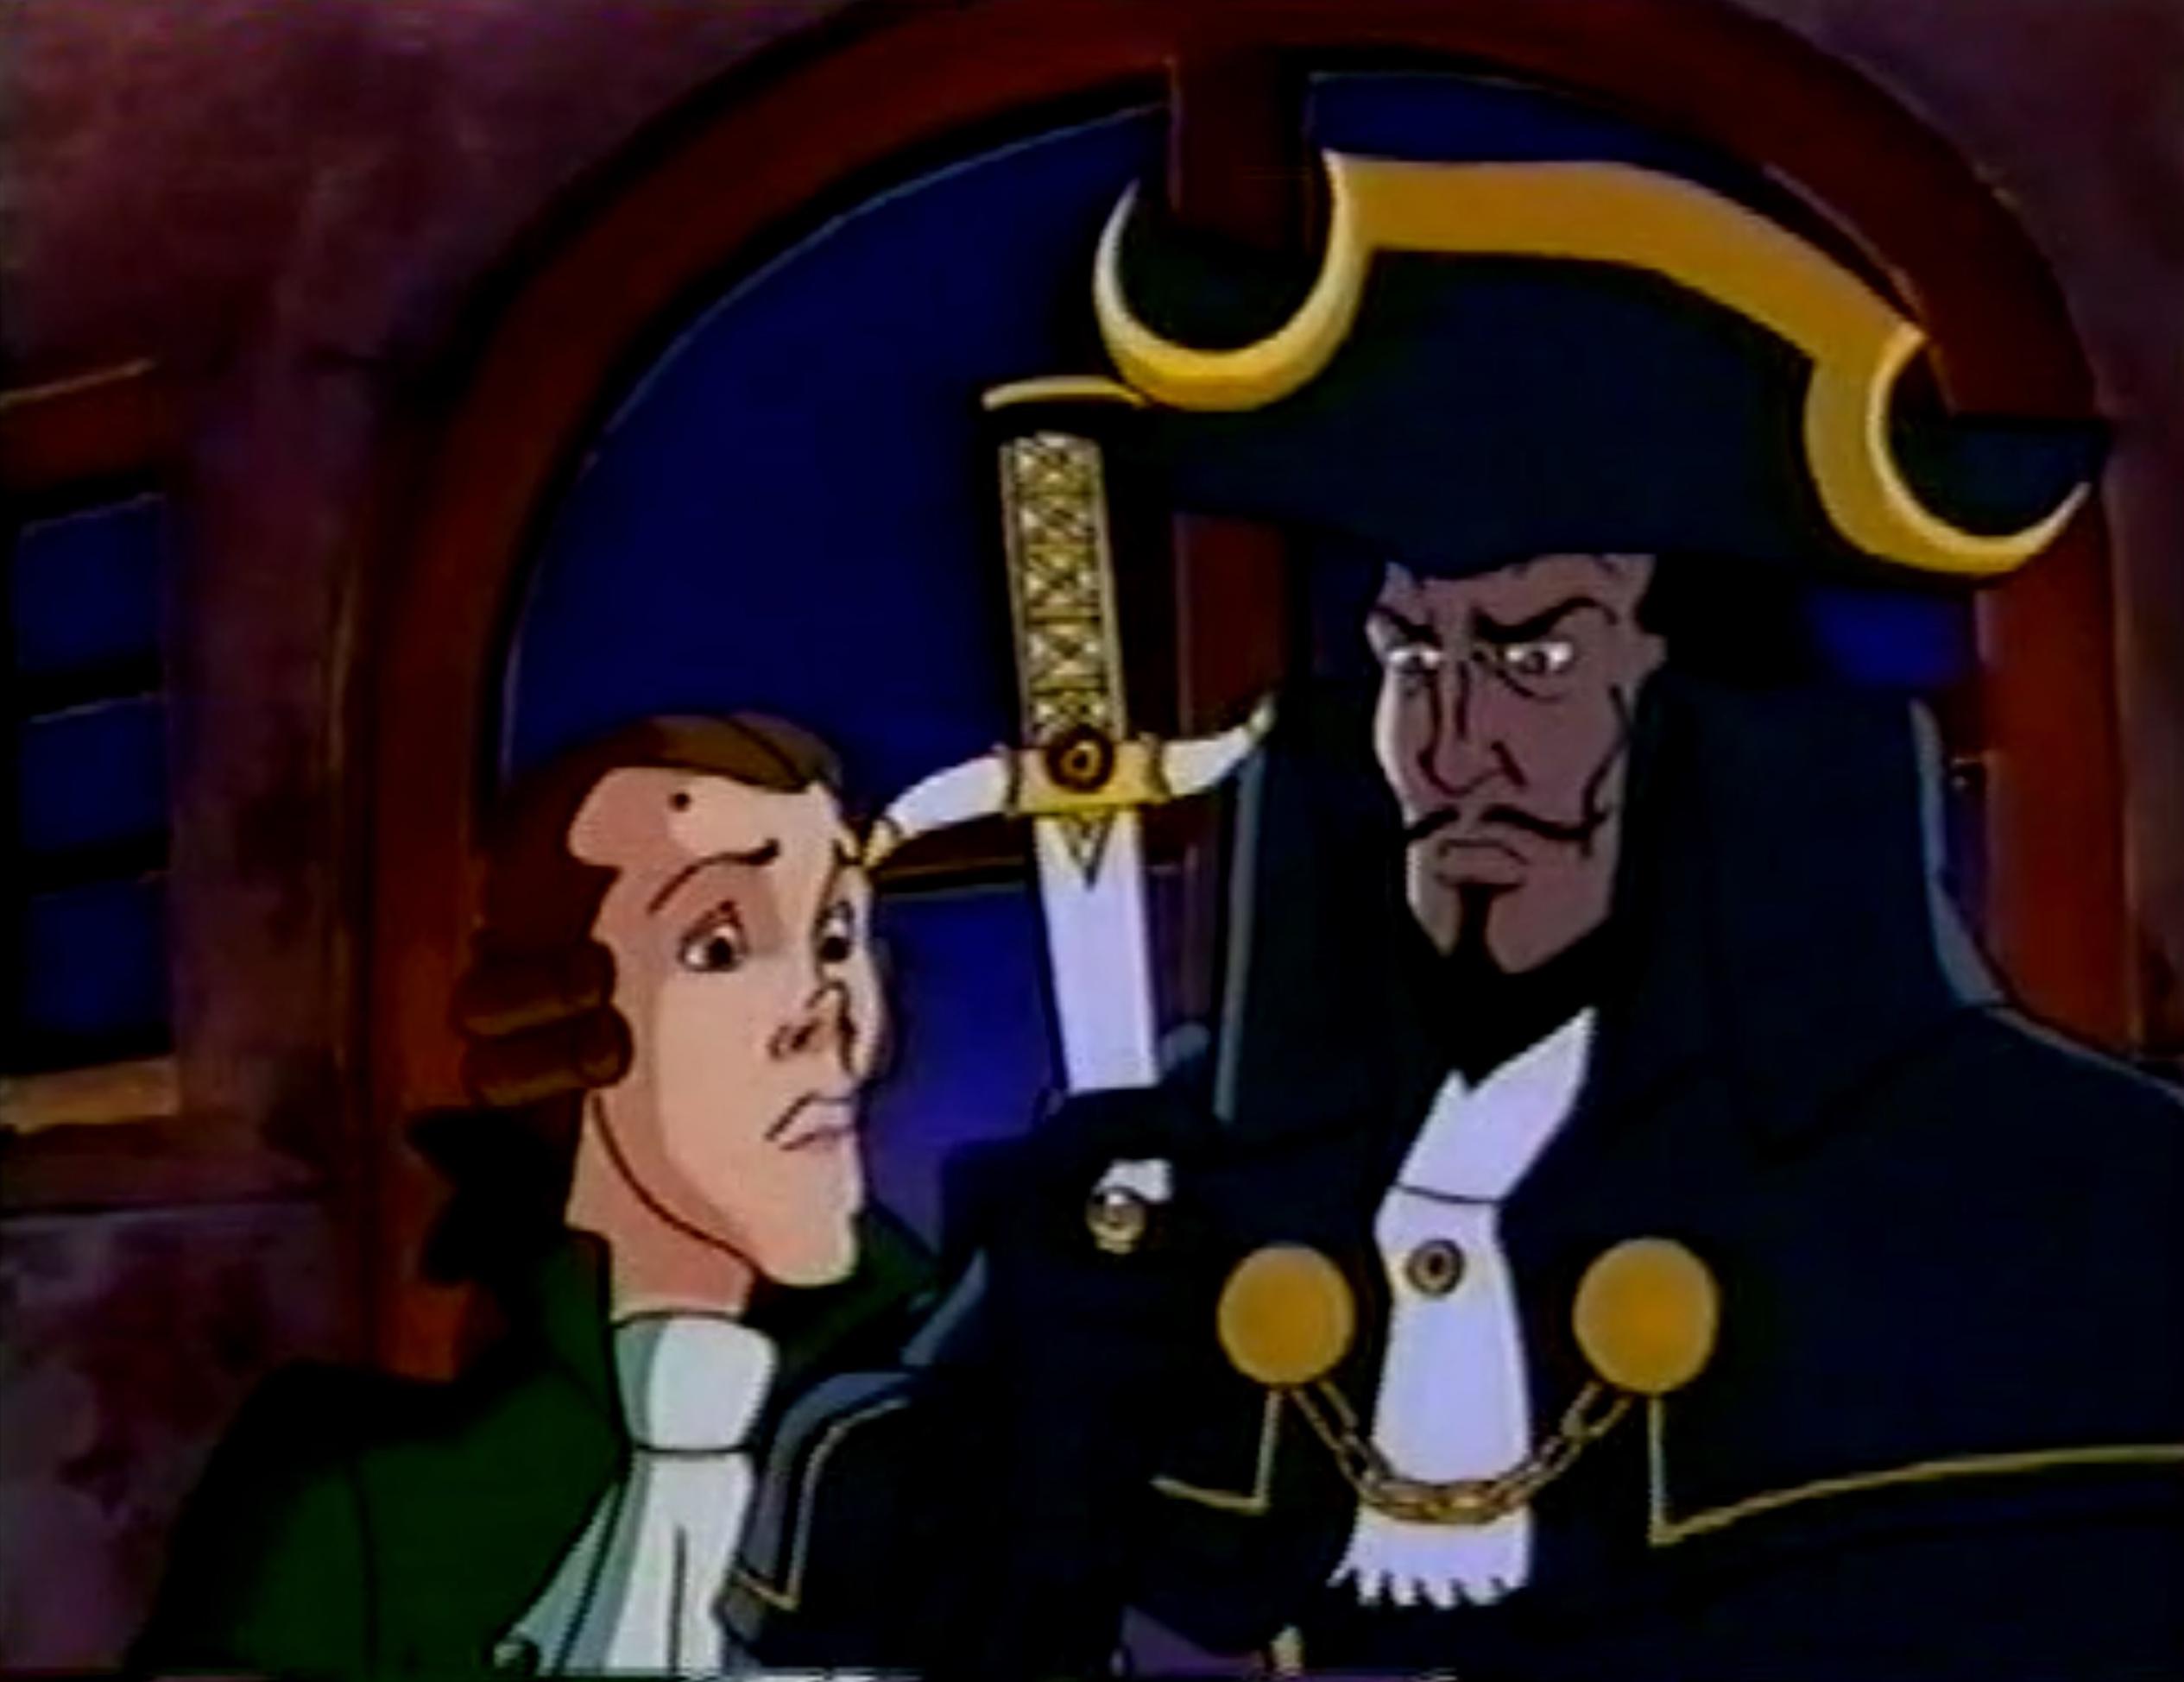 Corentin Prince Roche Noir et Loic